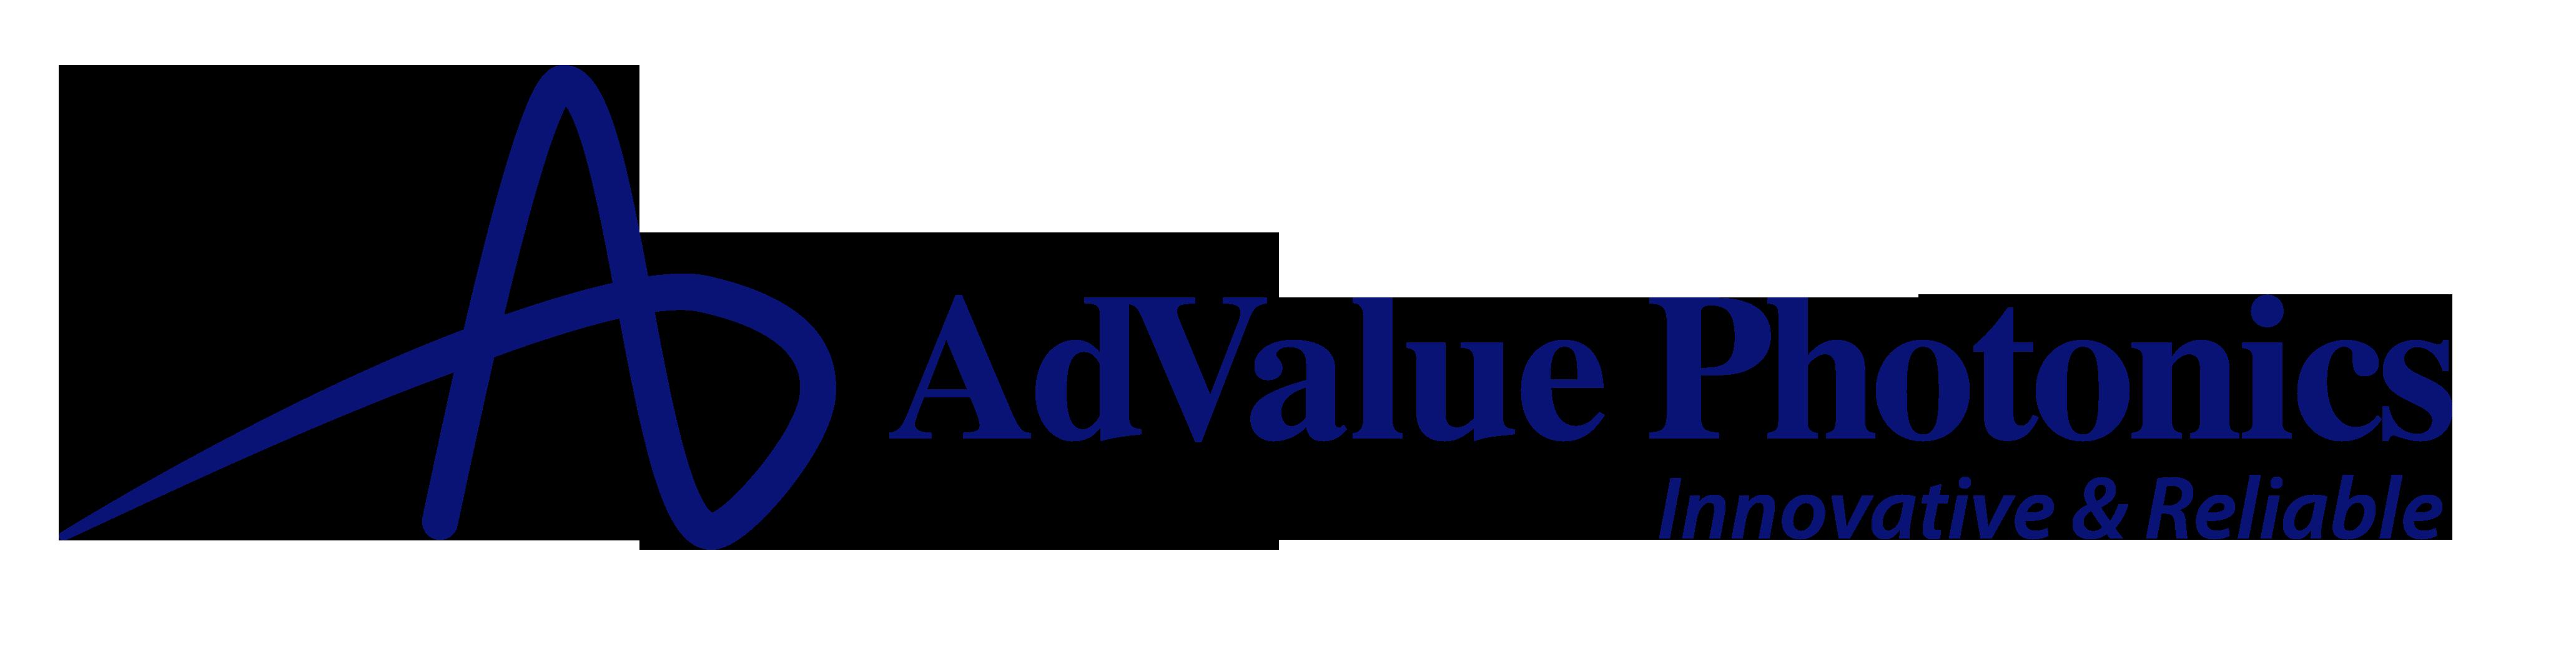 AdValue Photonics Inc